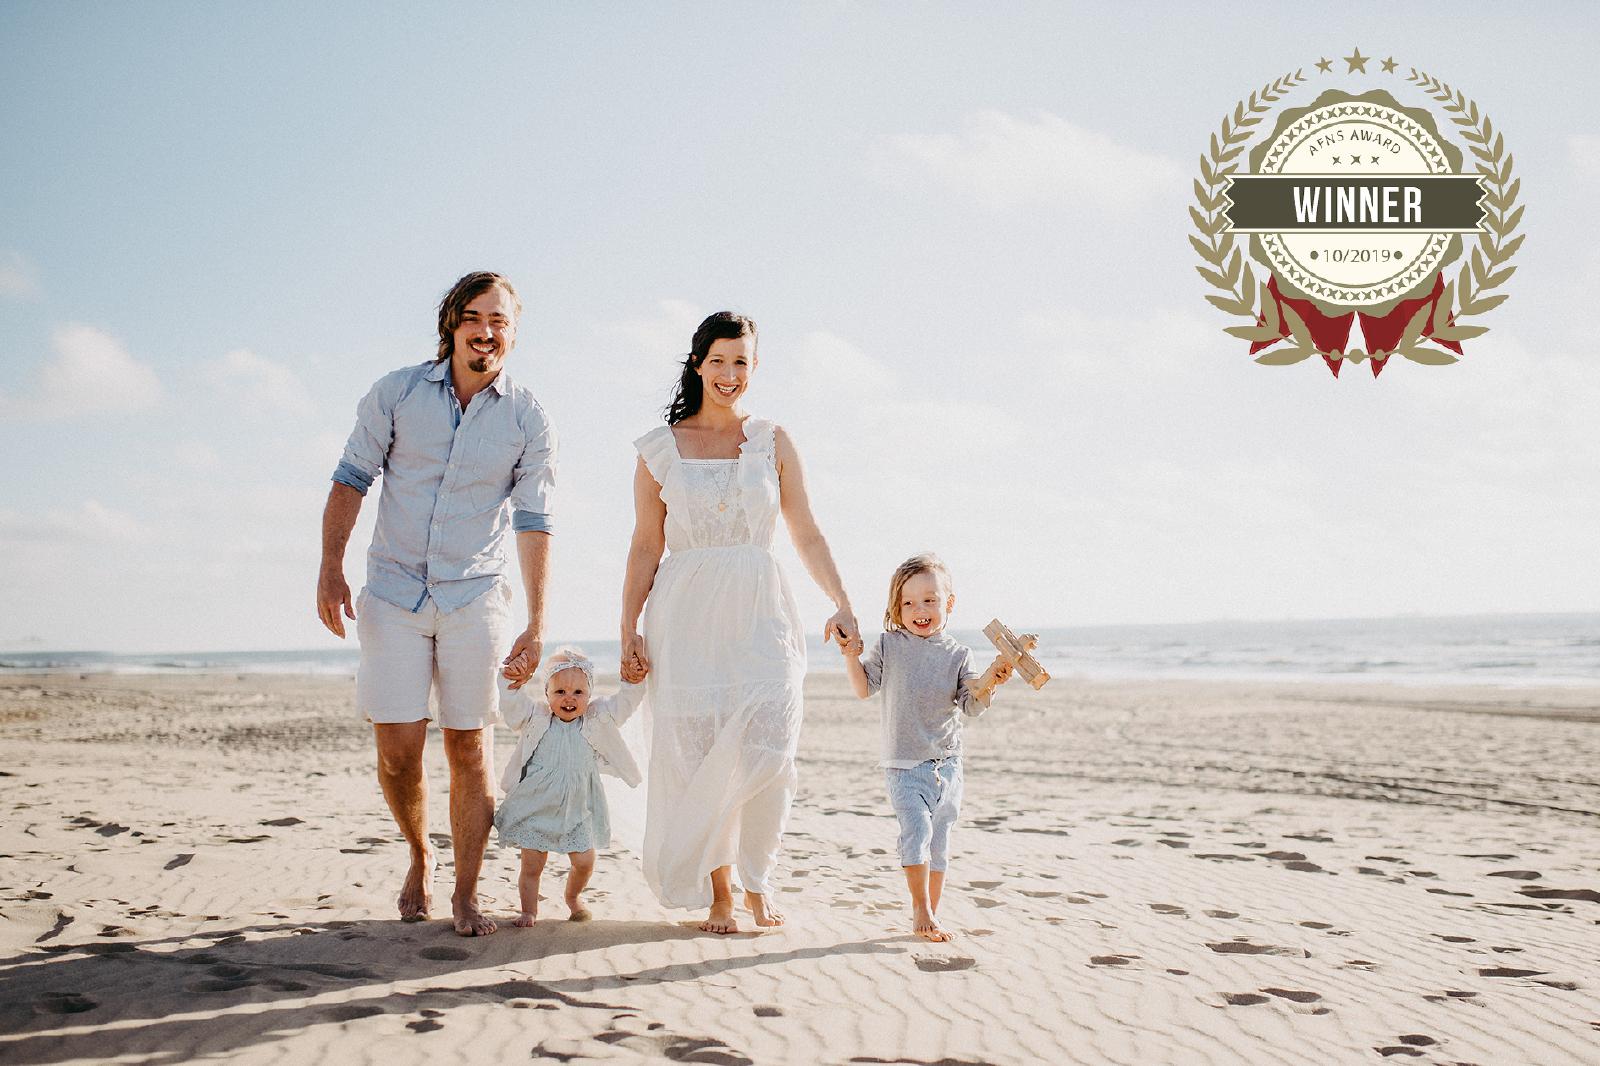 familie-strand-zee-zomer winner foto Award